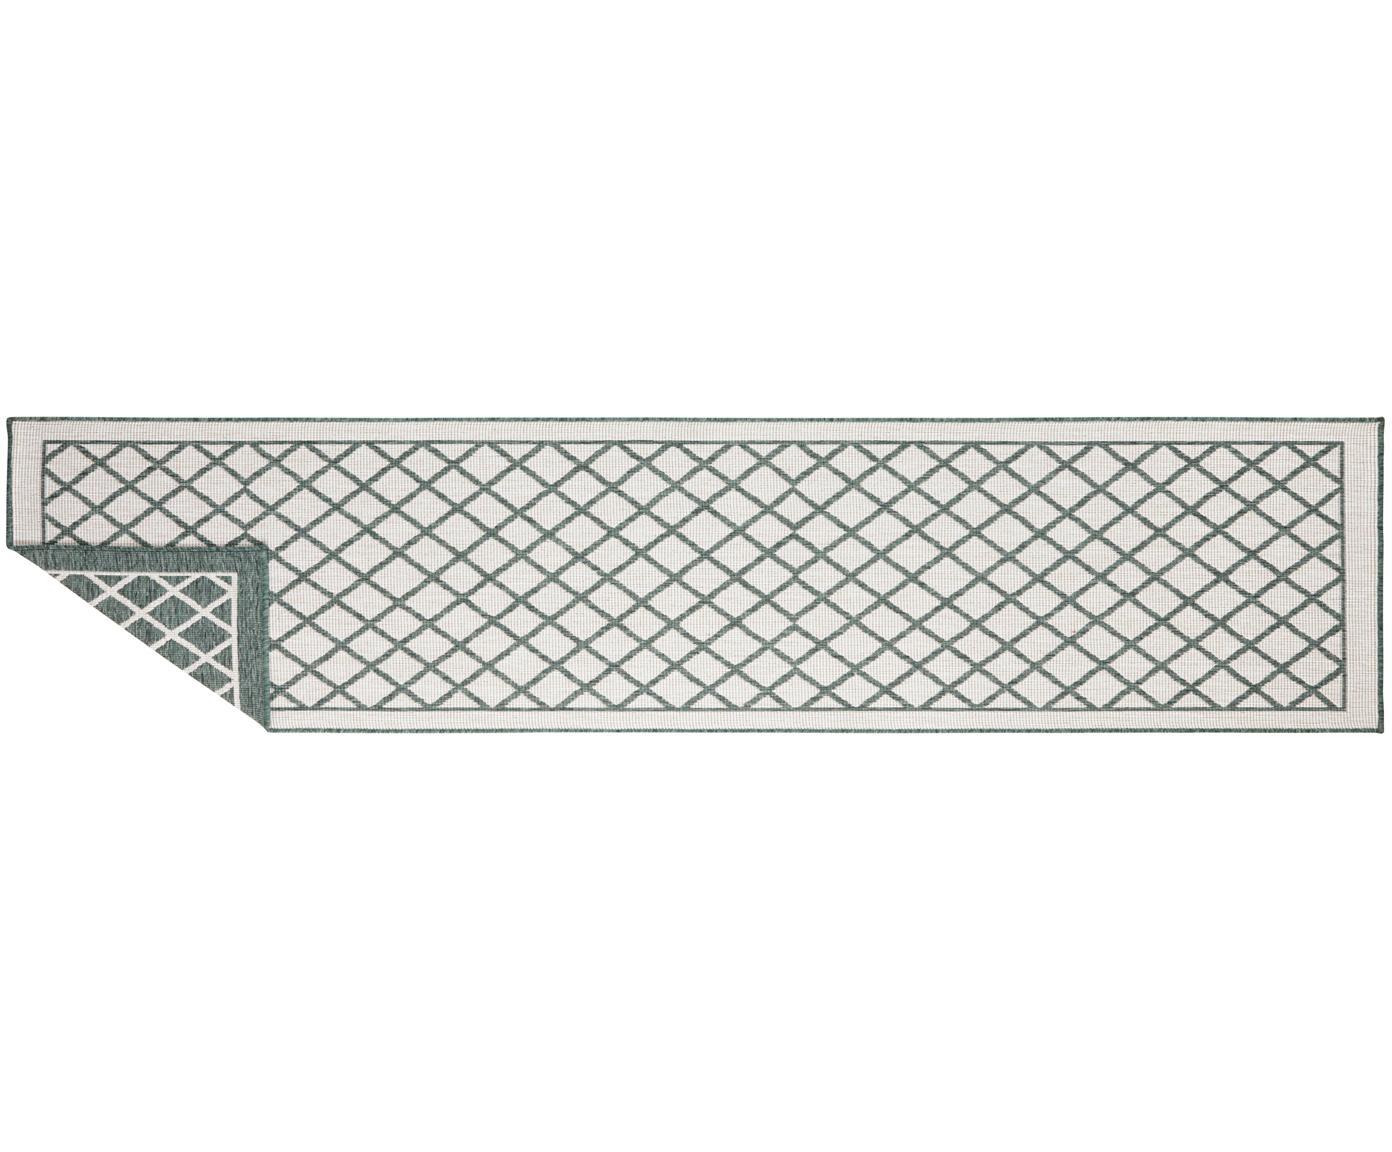 Passatoia reversibile da interno-esterno Sydney, Verde, crema, P 80 x L 350 cm